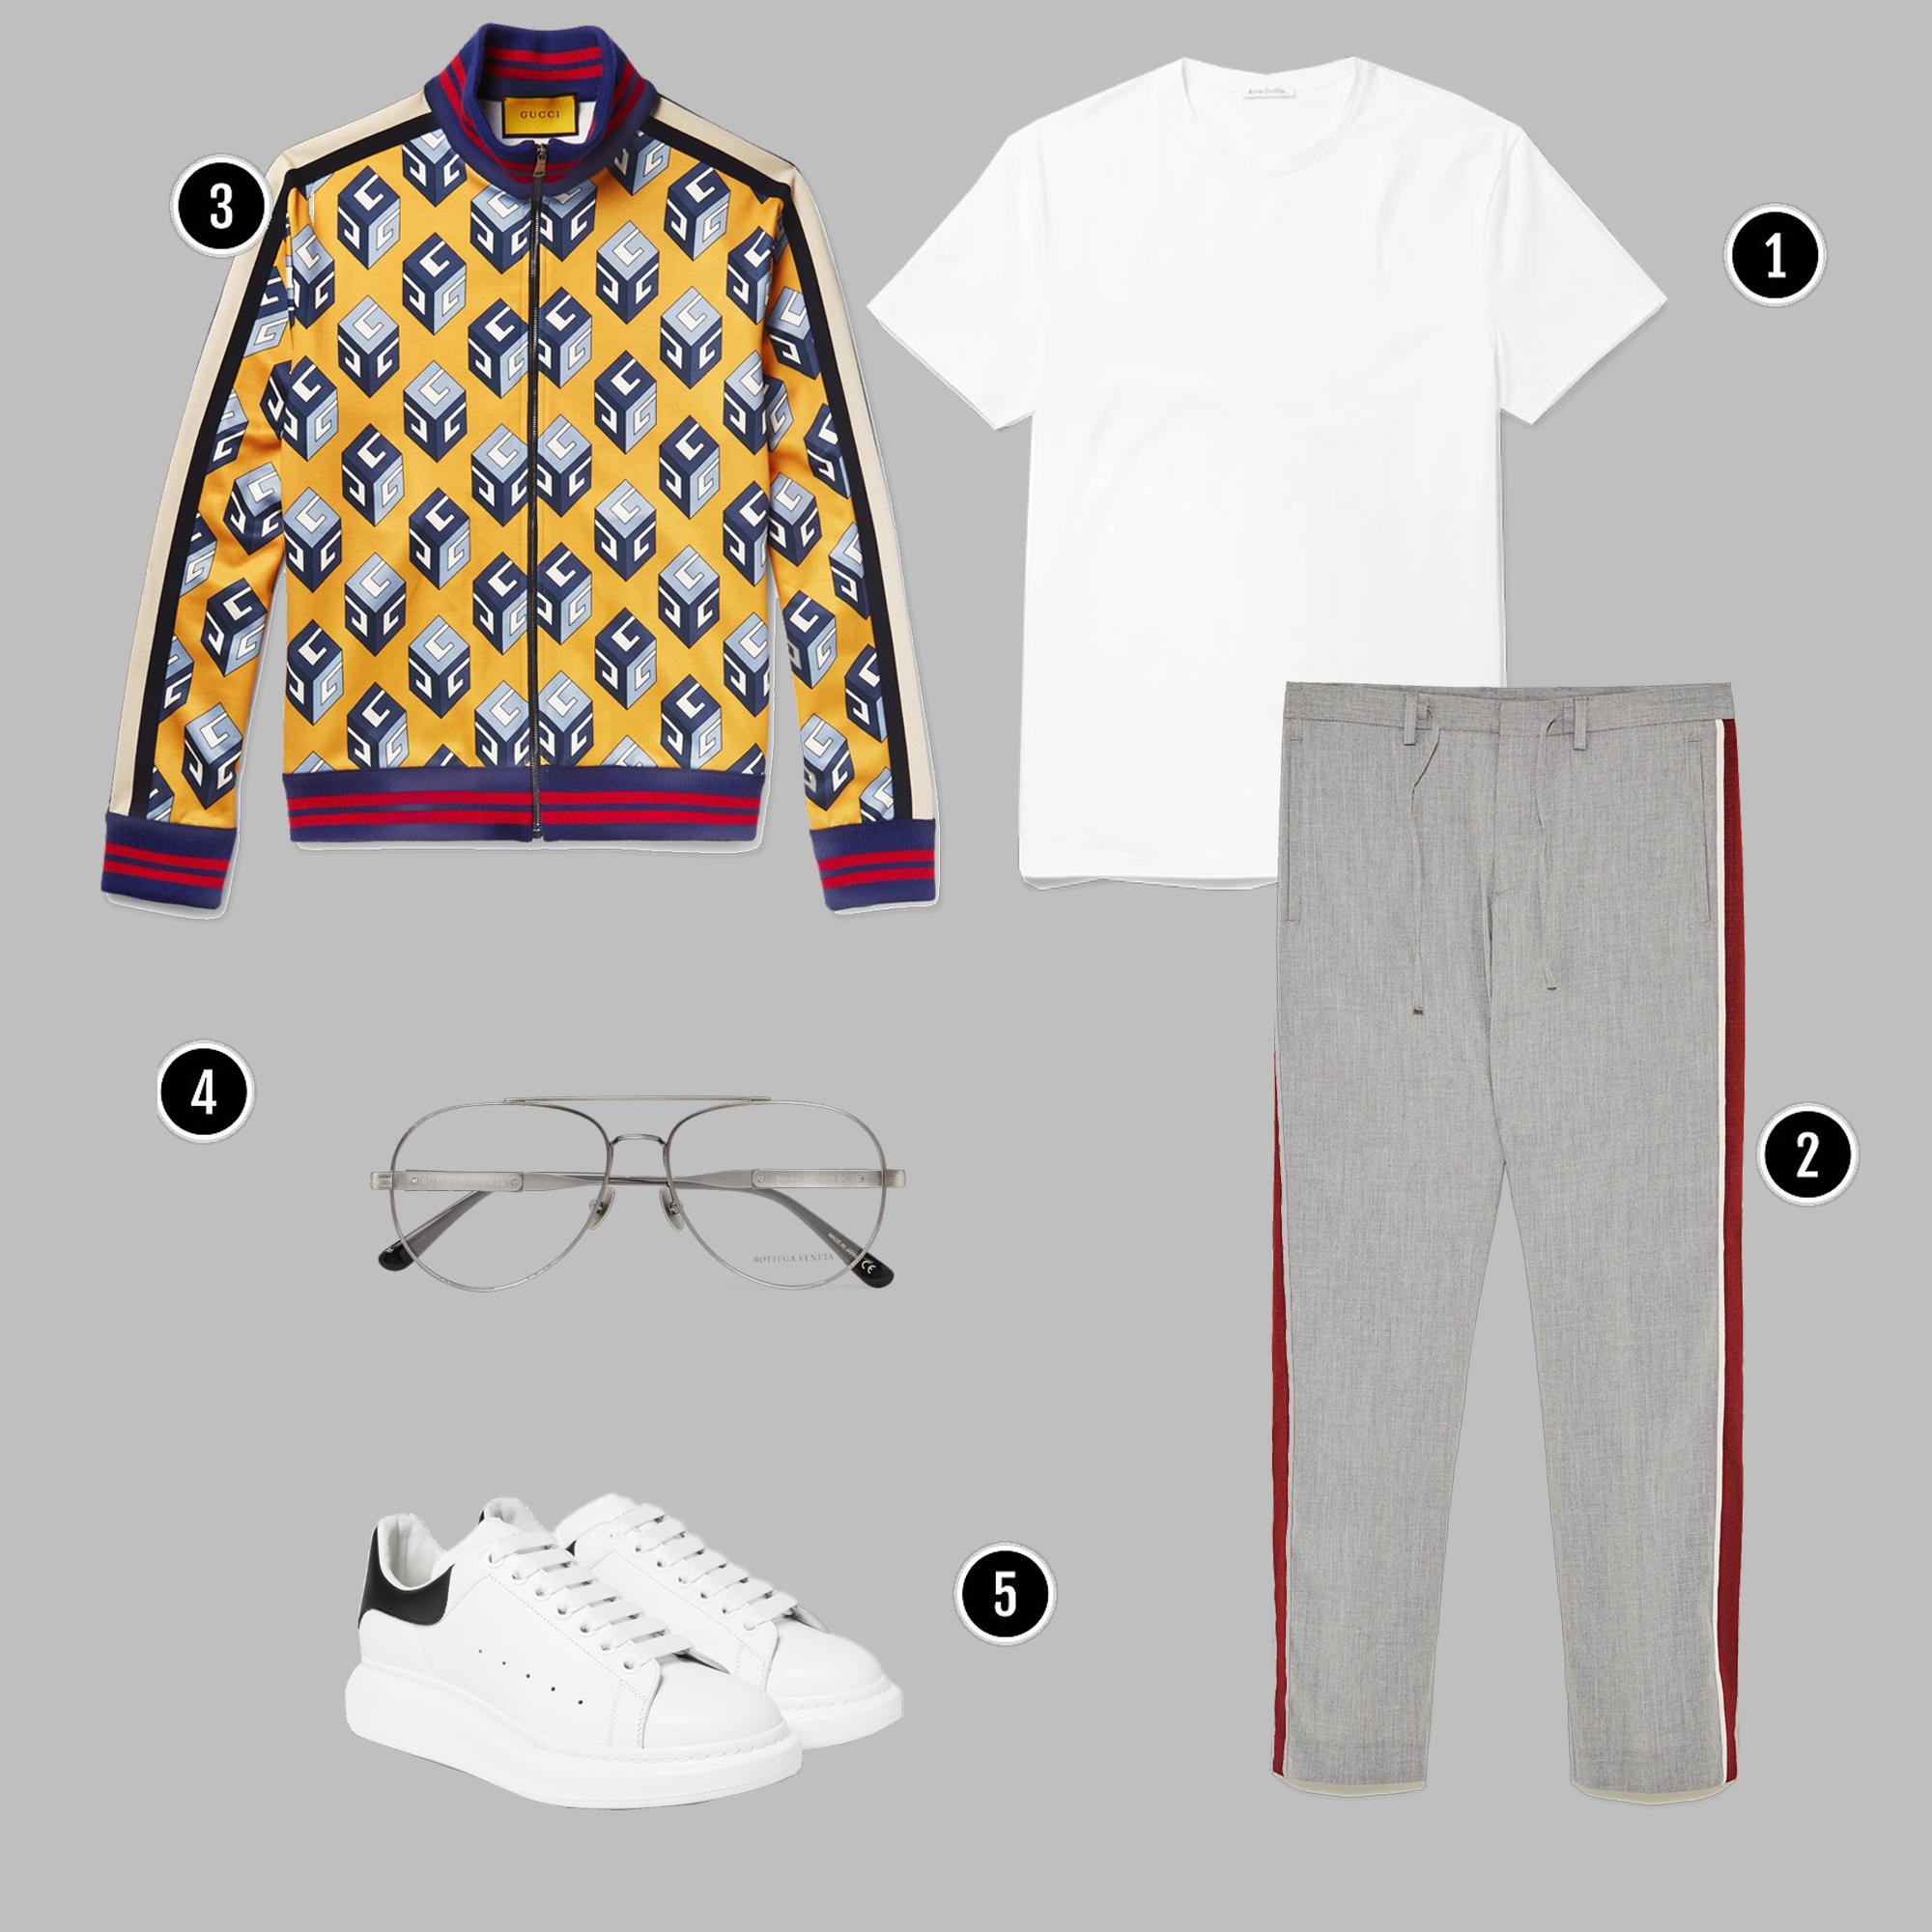 1. Áo: Acne / 2. Quần: Zara/ 3. Áo: Gucci/ 4. Kính: BOTTEGA VENETA / 5.Giày: Alexander Mcqueen